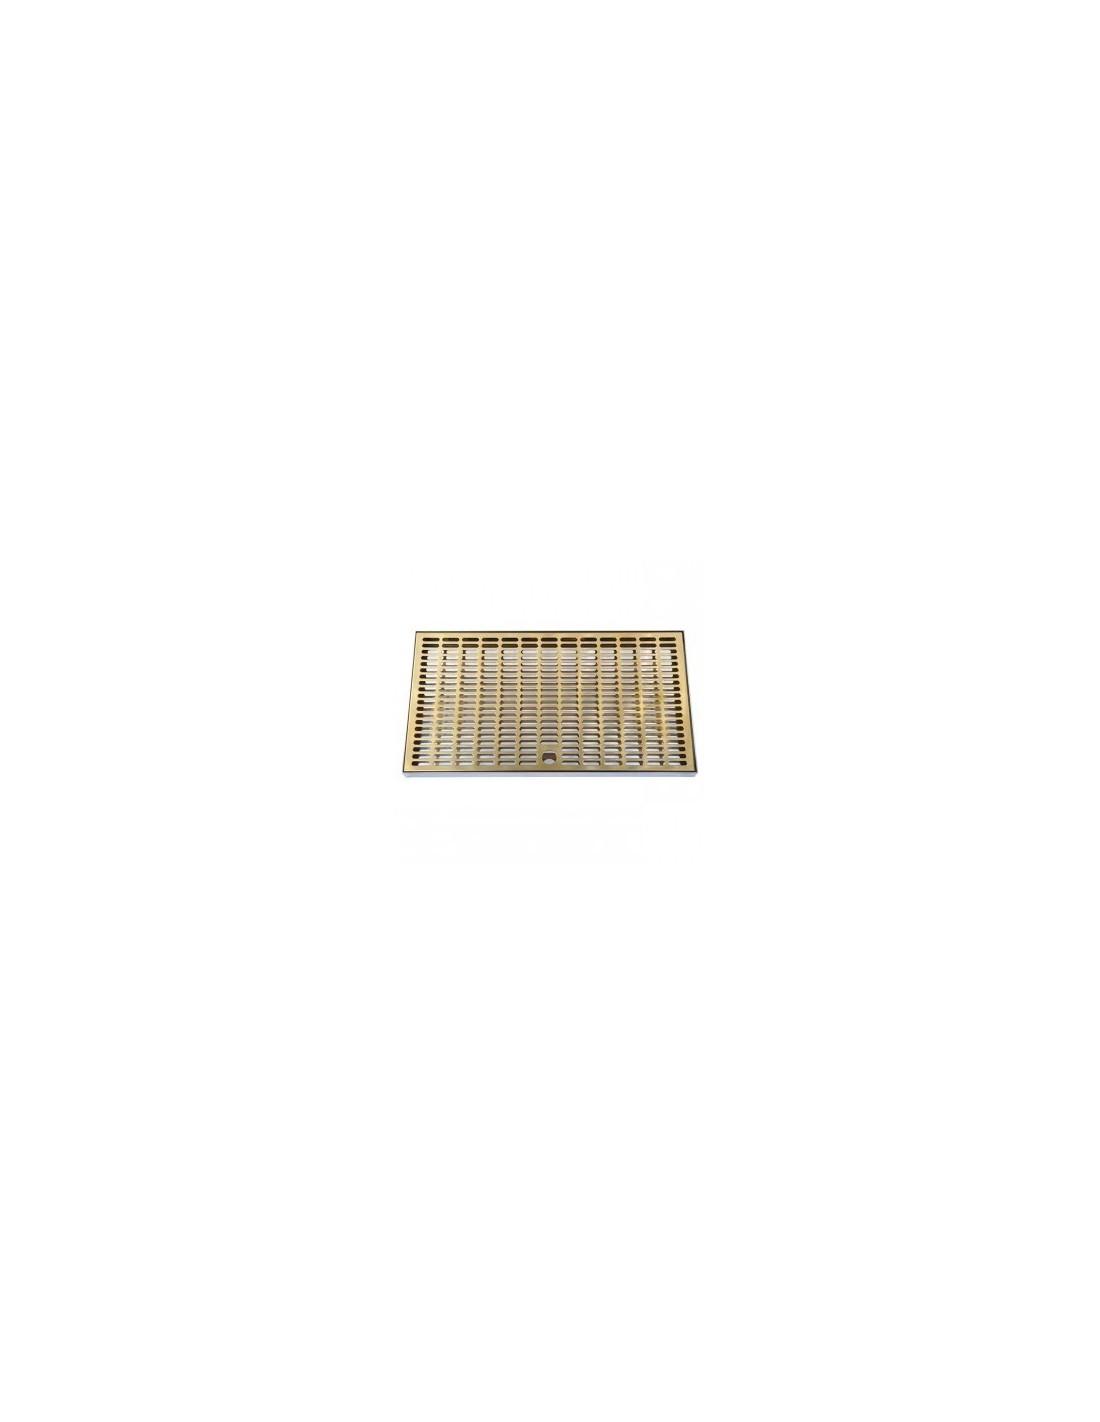 VYR02277 - Spillbricka i rostfritt med droppgaller i mässing 600x250x20 mm